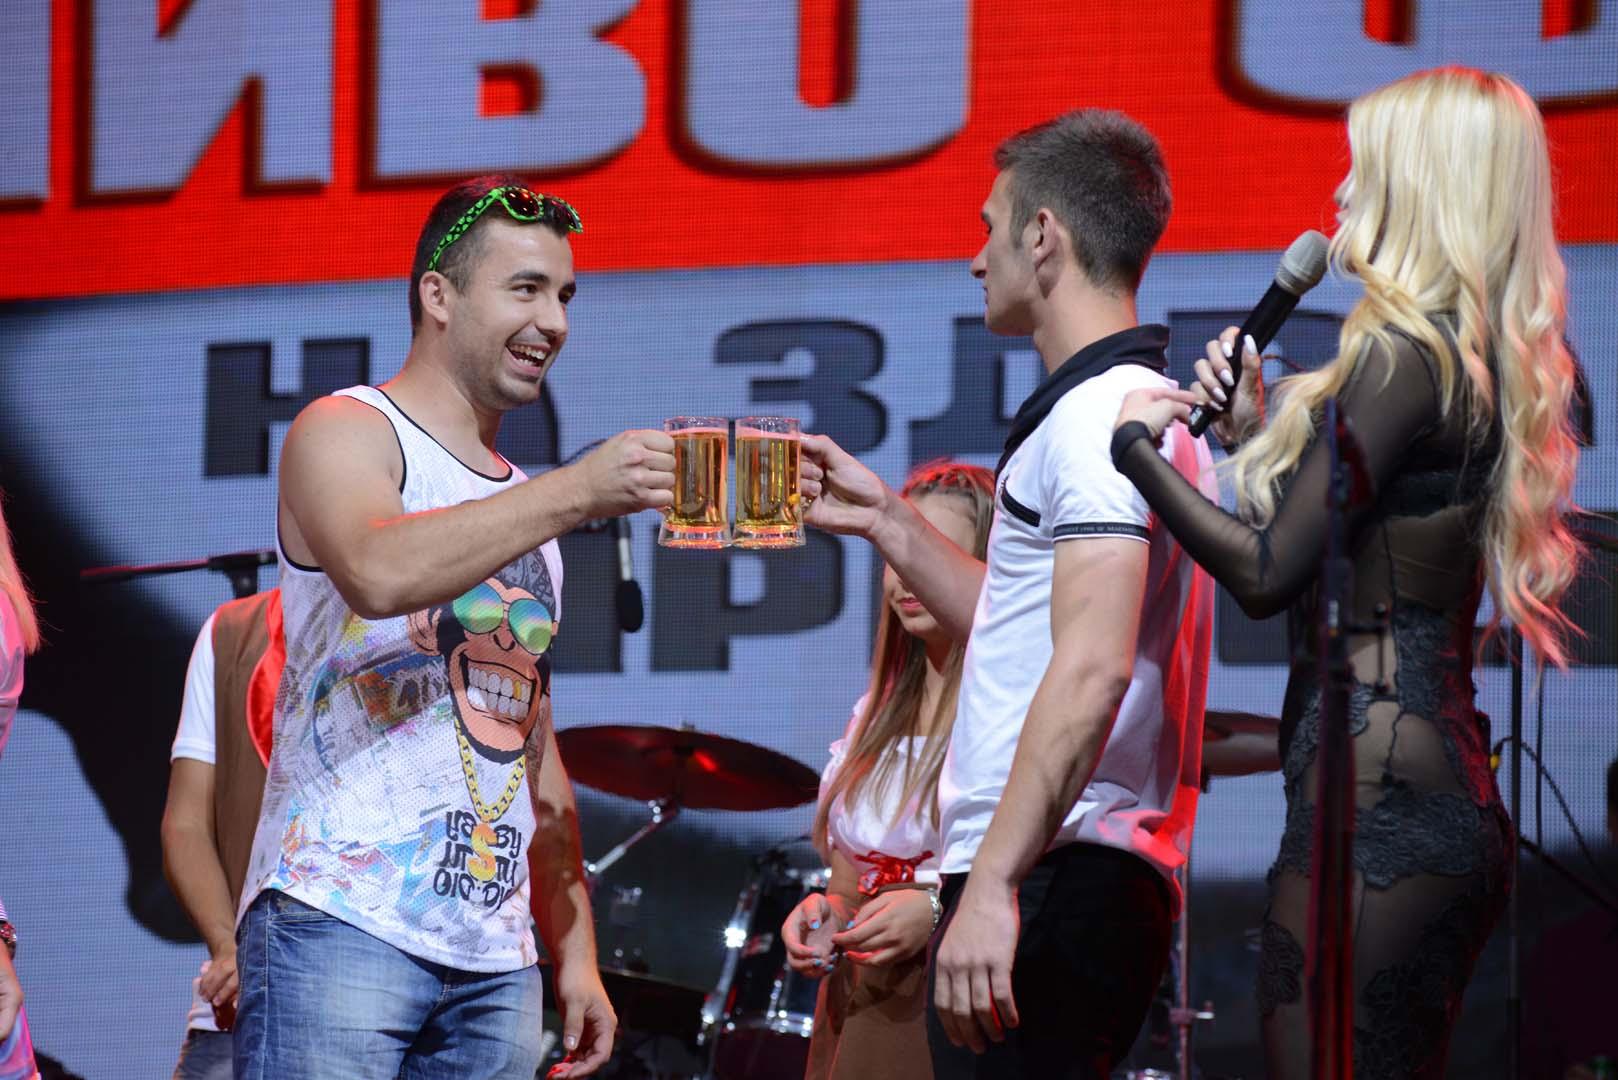 ФОТОГАЛЕРИЈА: Пиво, скара и Прљаво казалиште на вториот ден од Фестивалот на пивото!